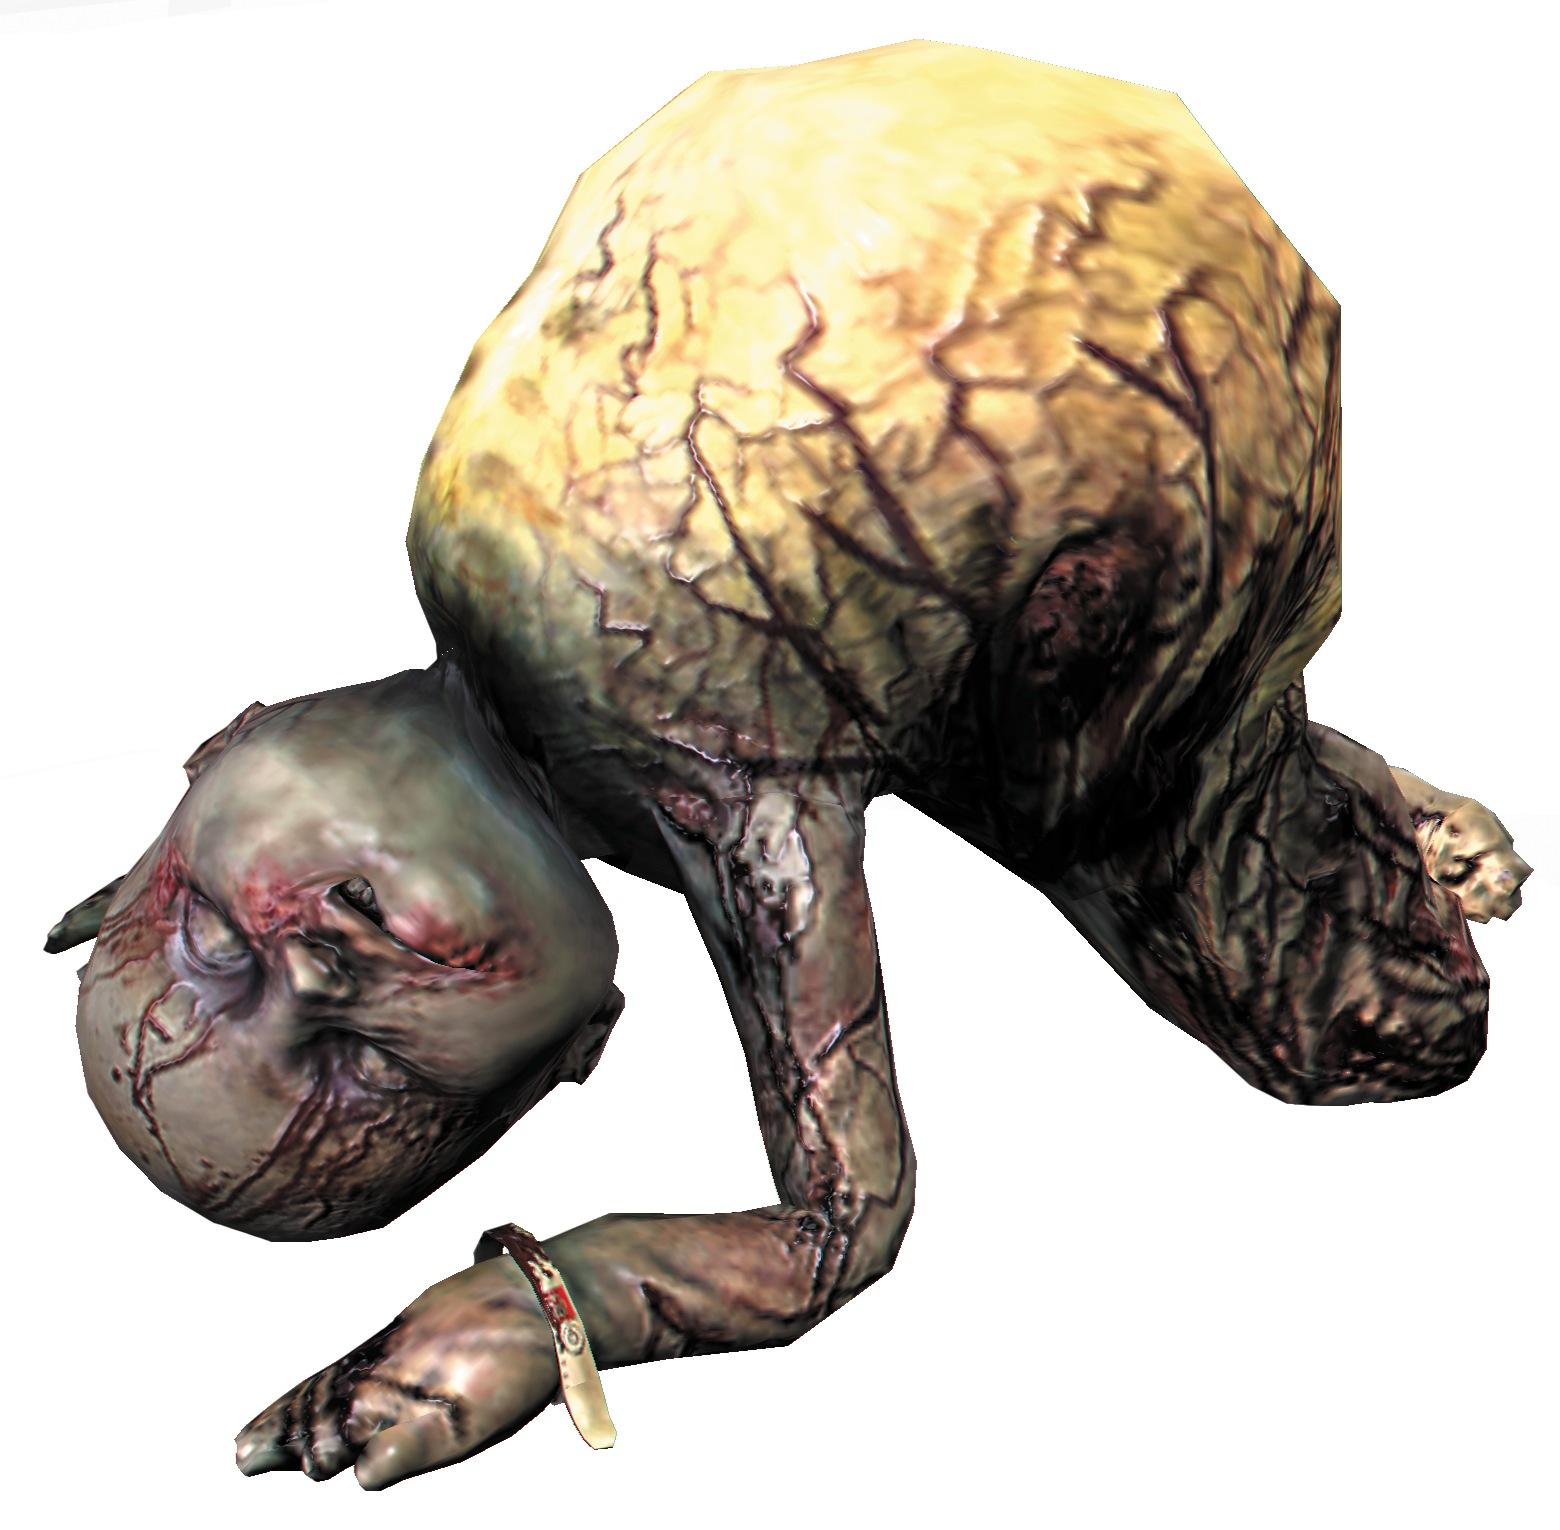 Crawler-full-body.jpg